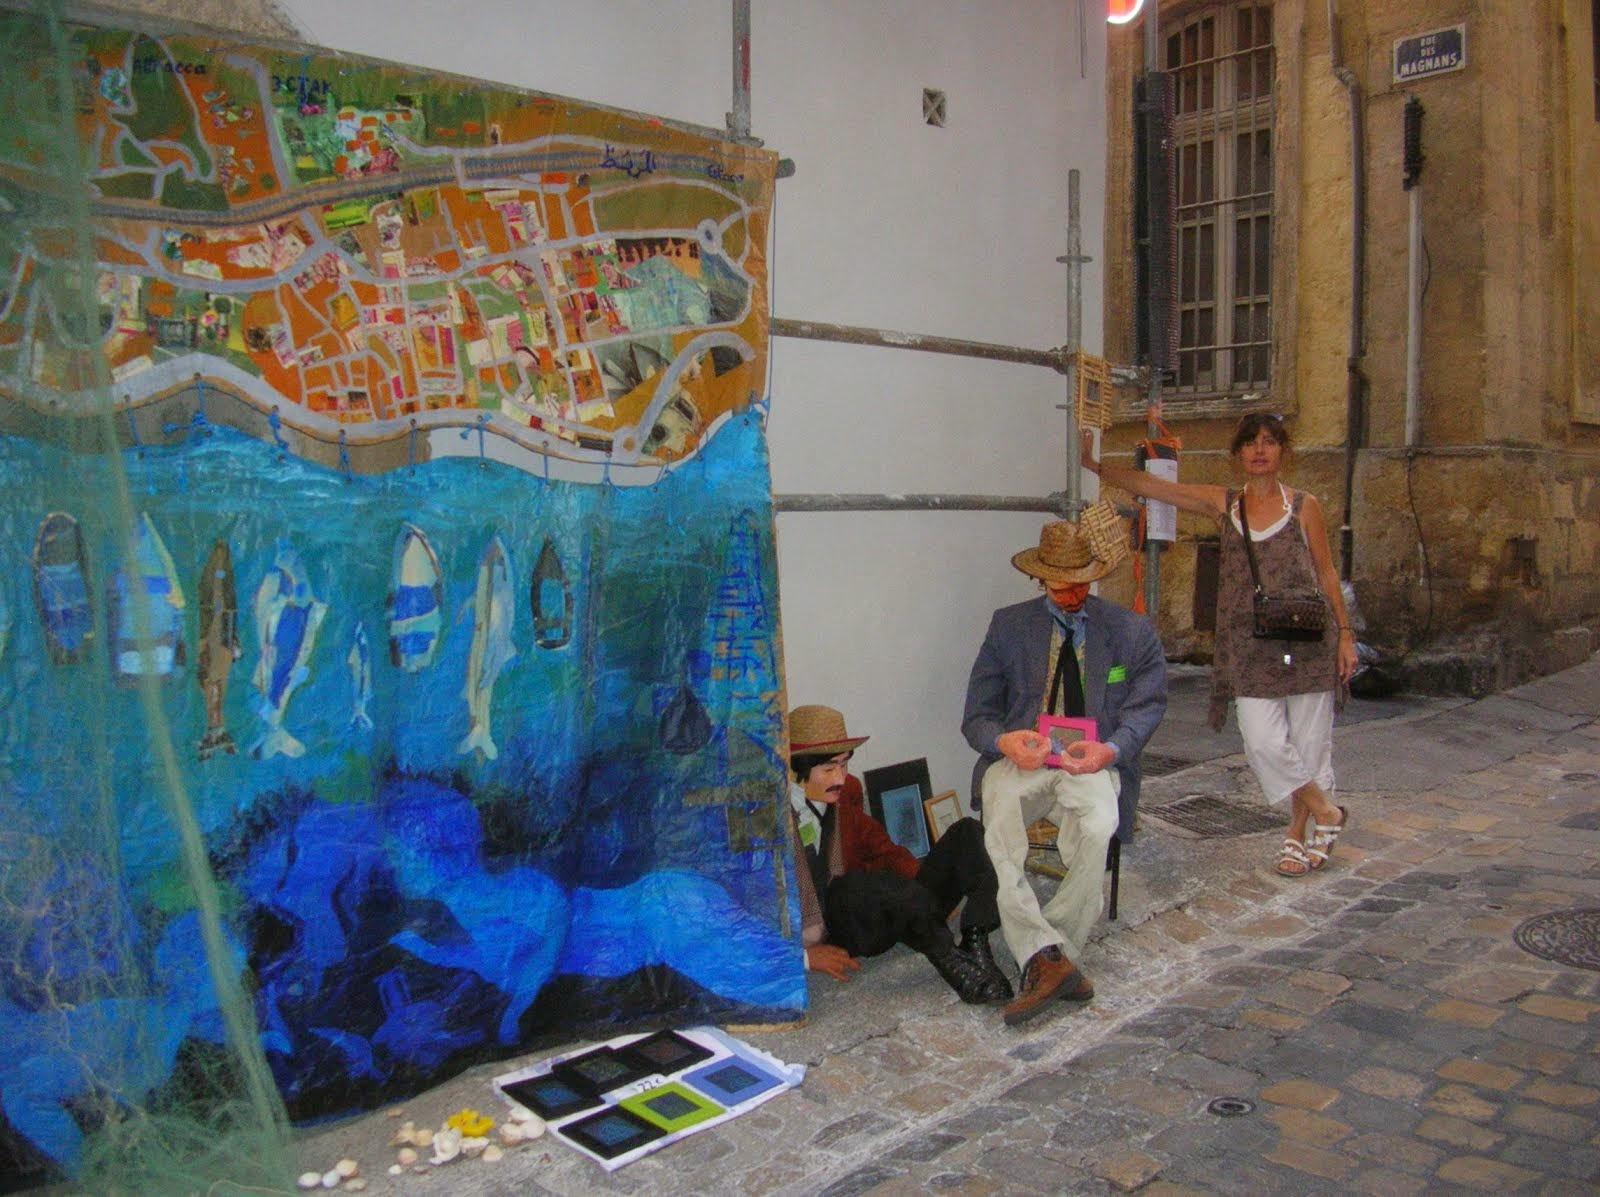 Nocturne artistique, Aix-en-Provence